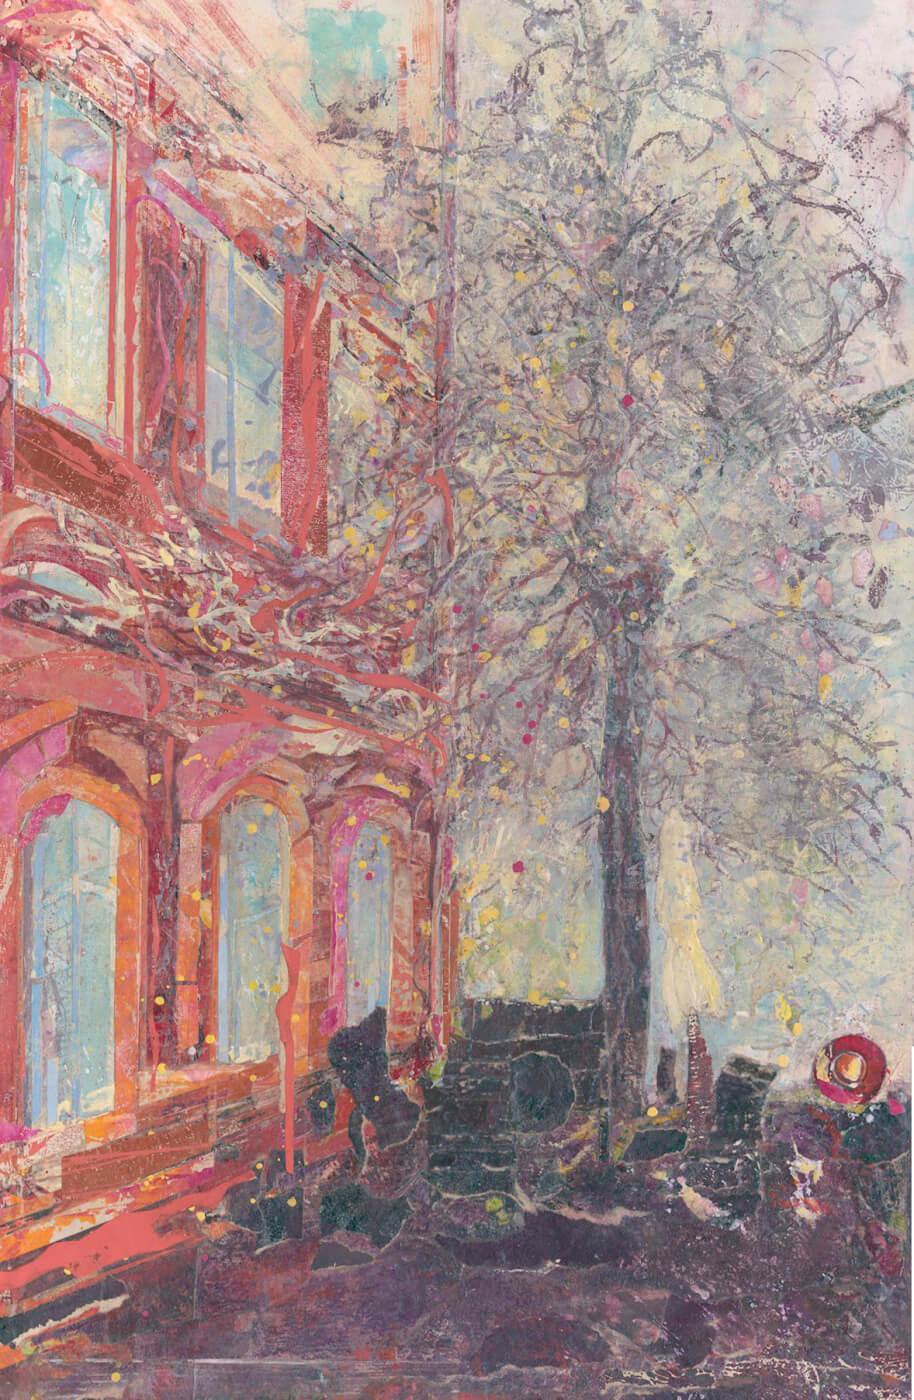 Ottensen, Hinterhof, Hamburg, Altona, Collage